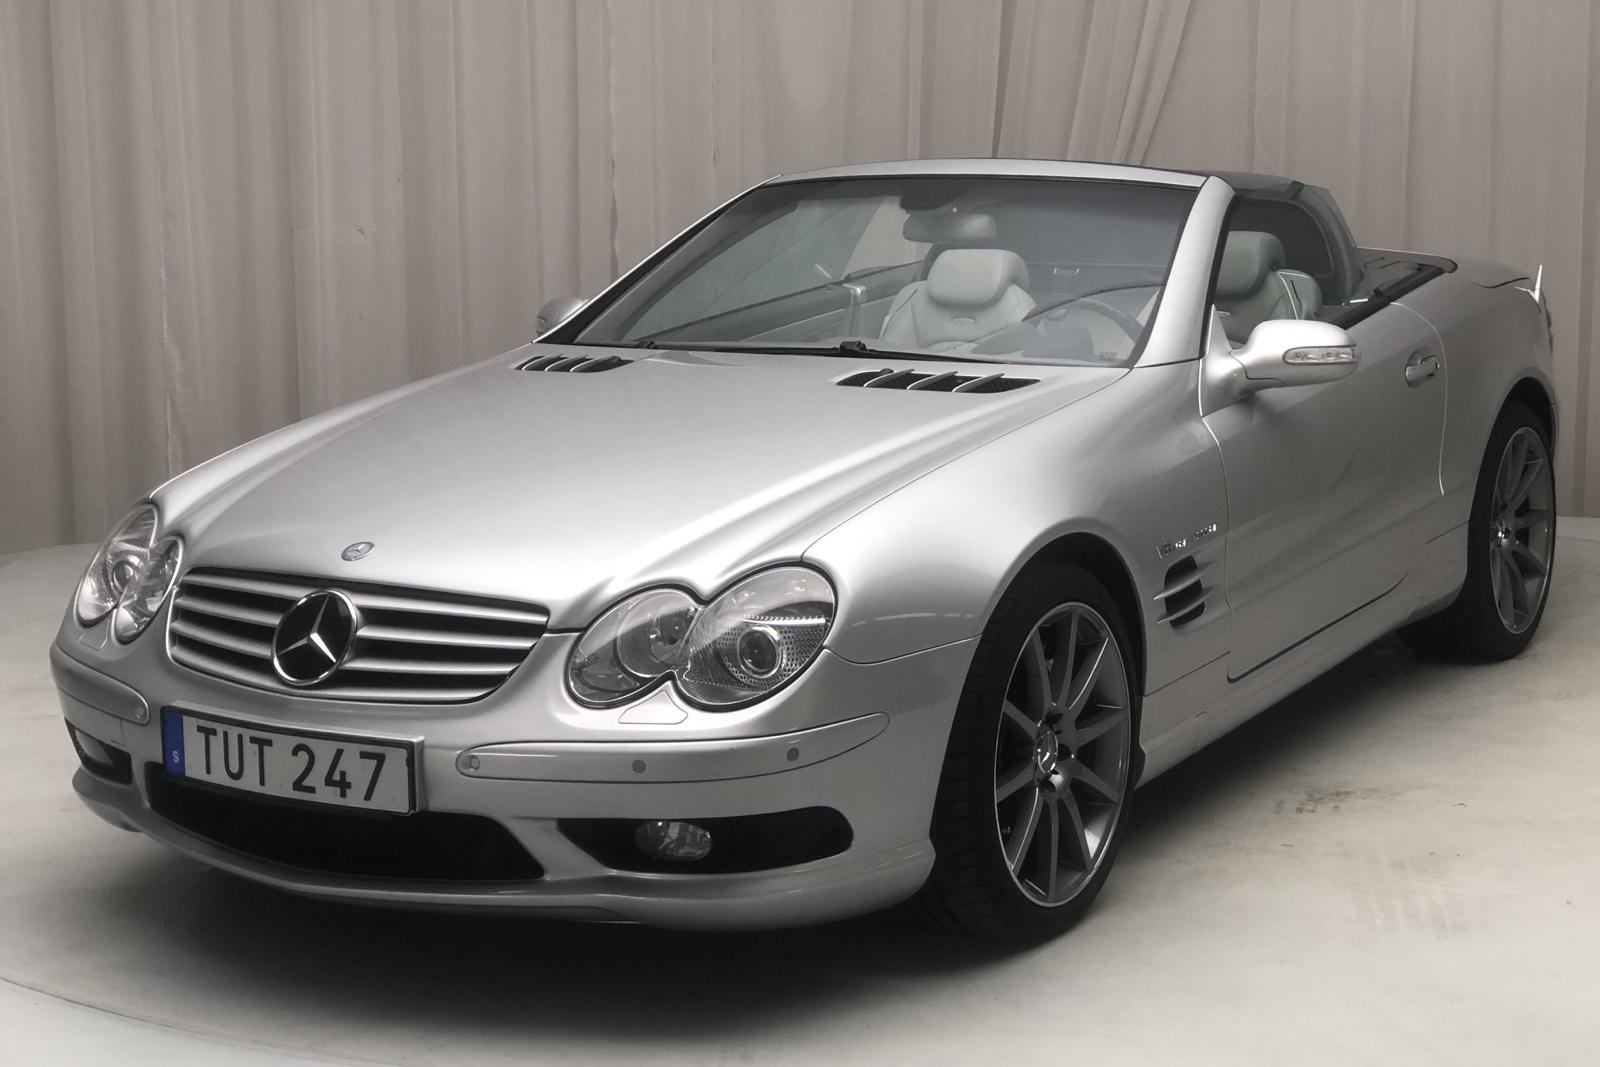 Mercedes SL 55 AMG R230 (500hk) - 67 000 km - Automatic - silver - 2002